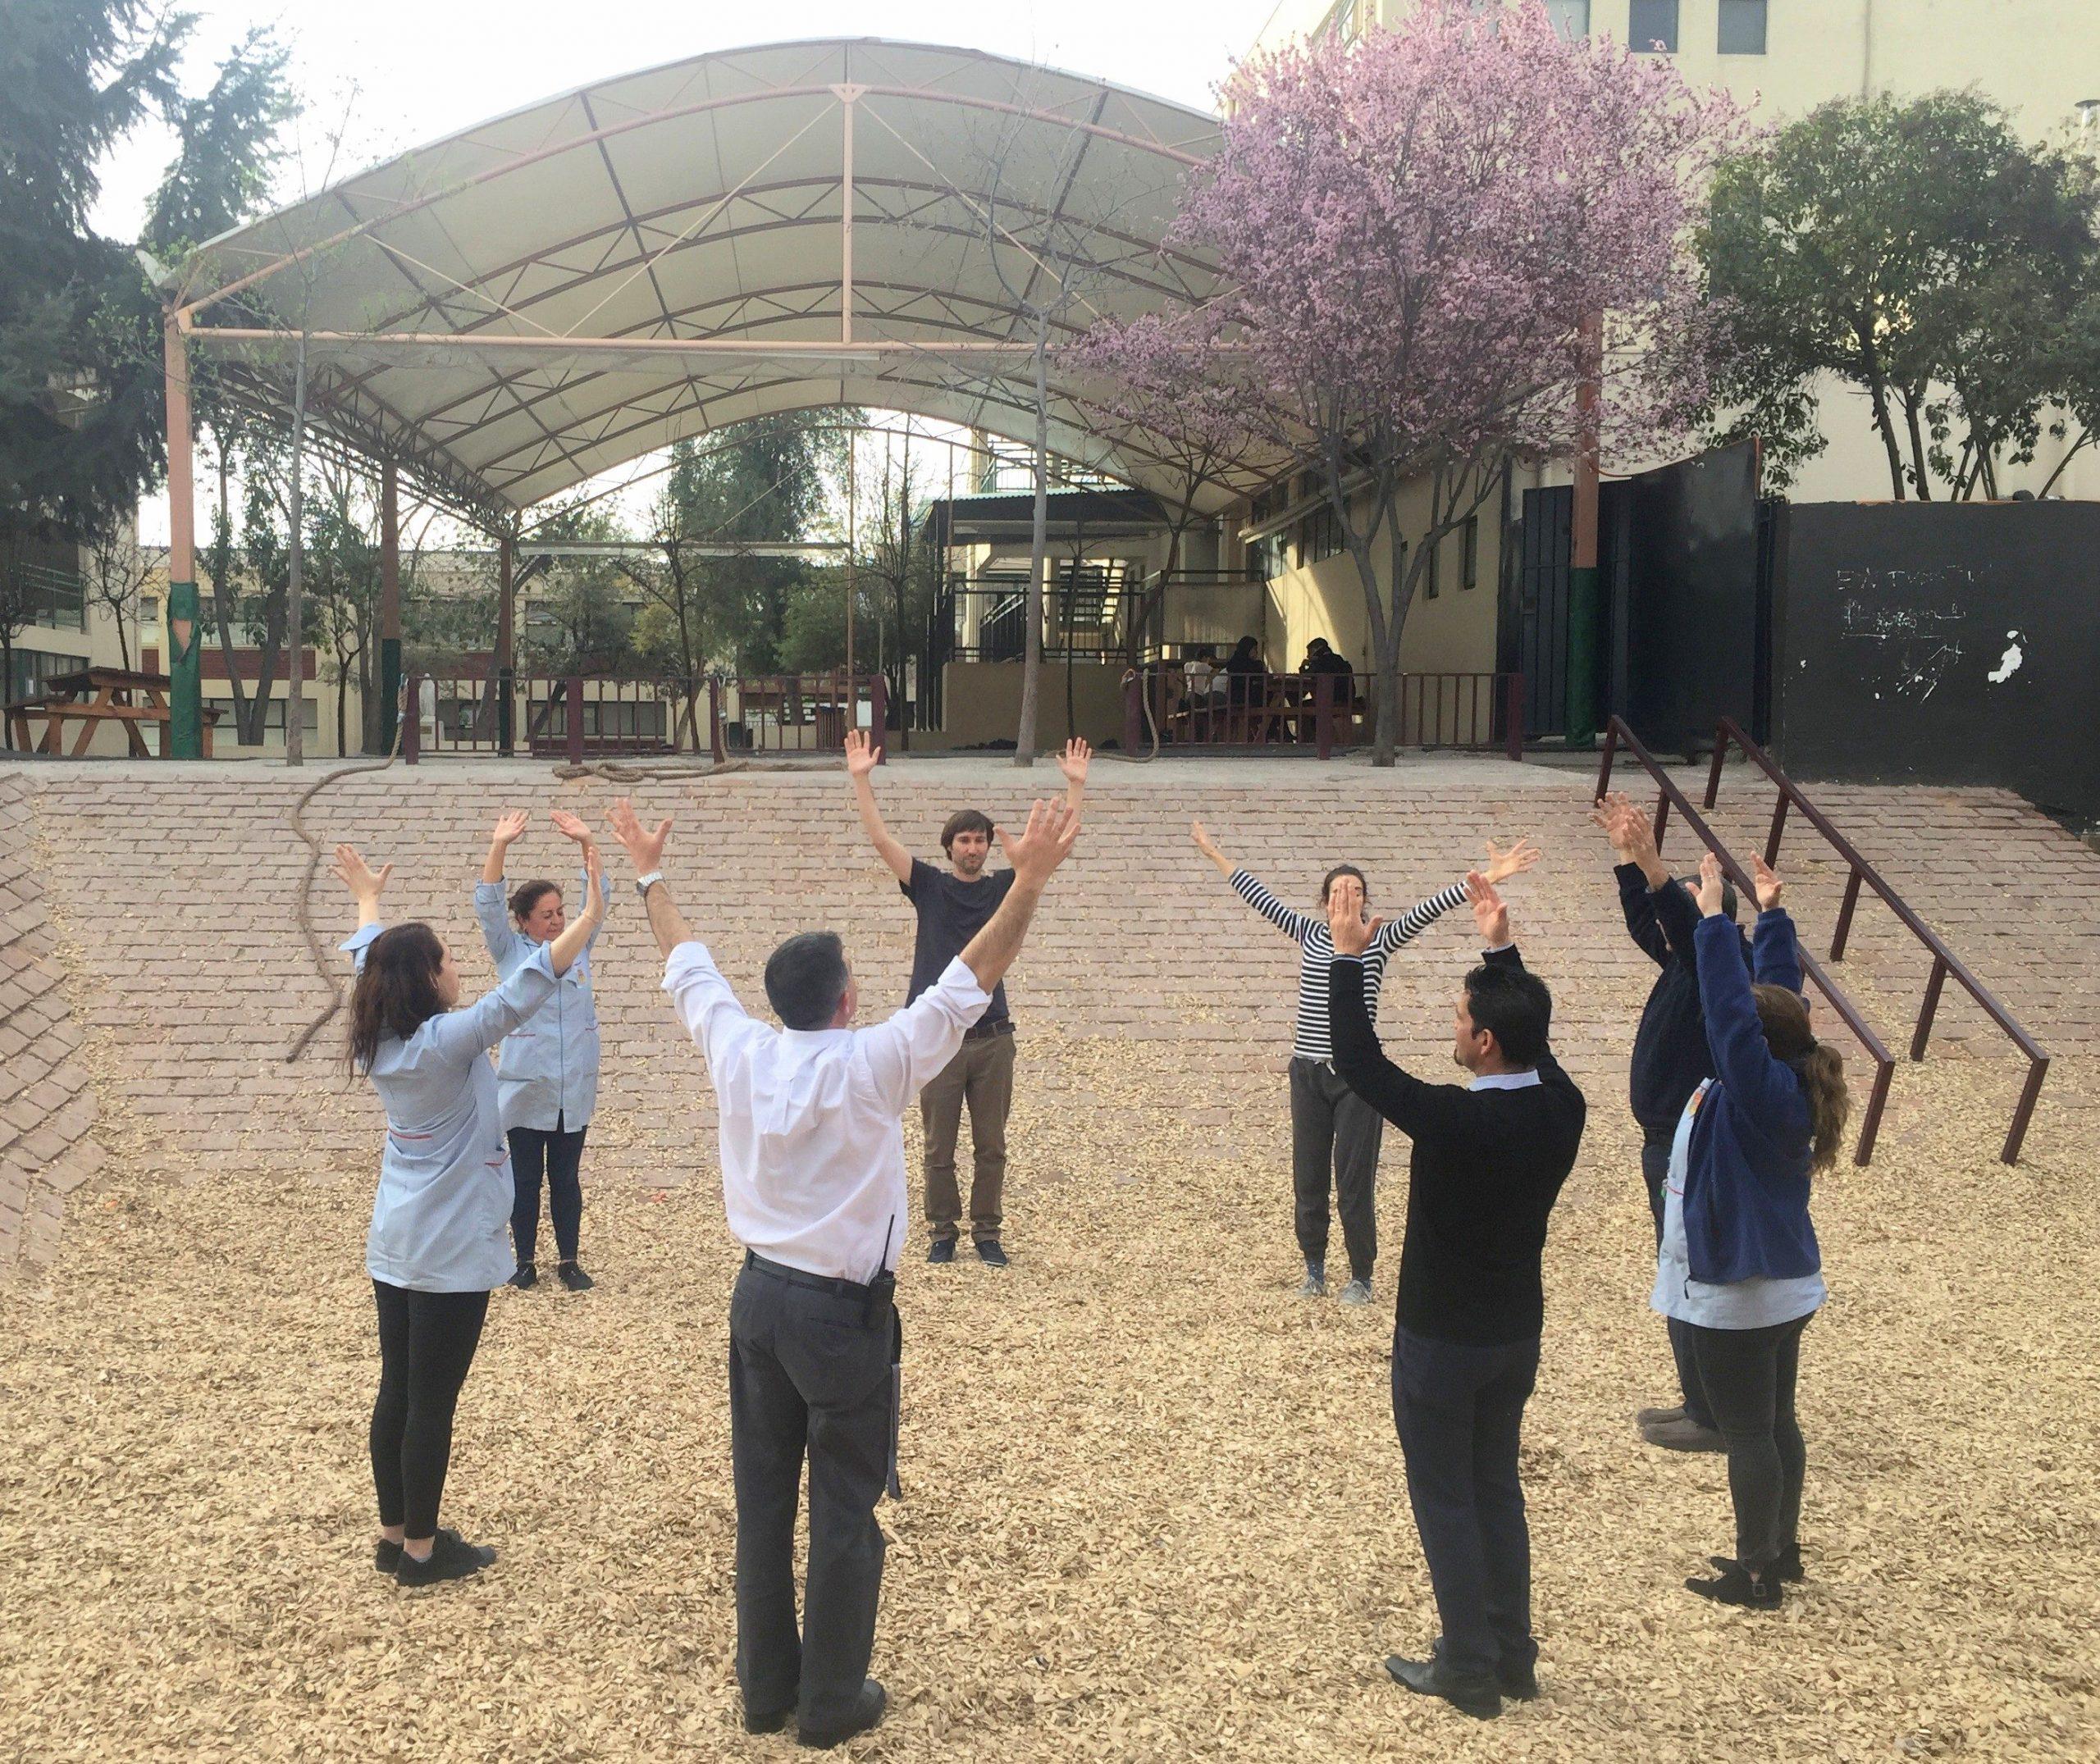 Actividades pedagógicas para acompañar a niños y niñas